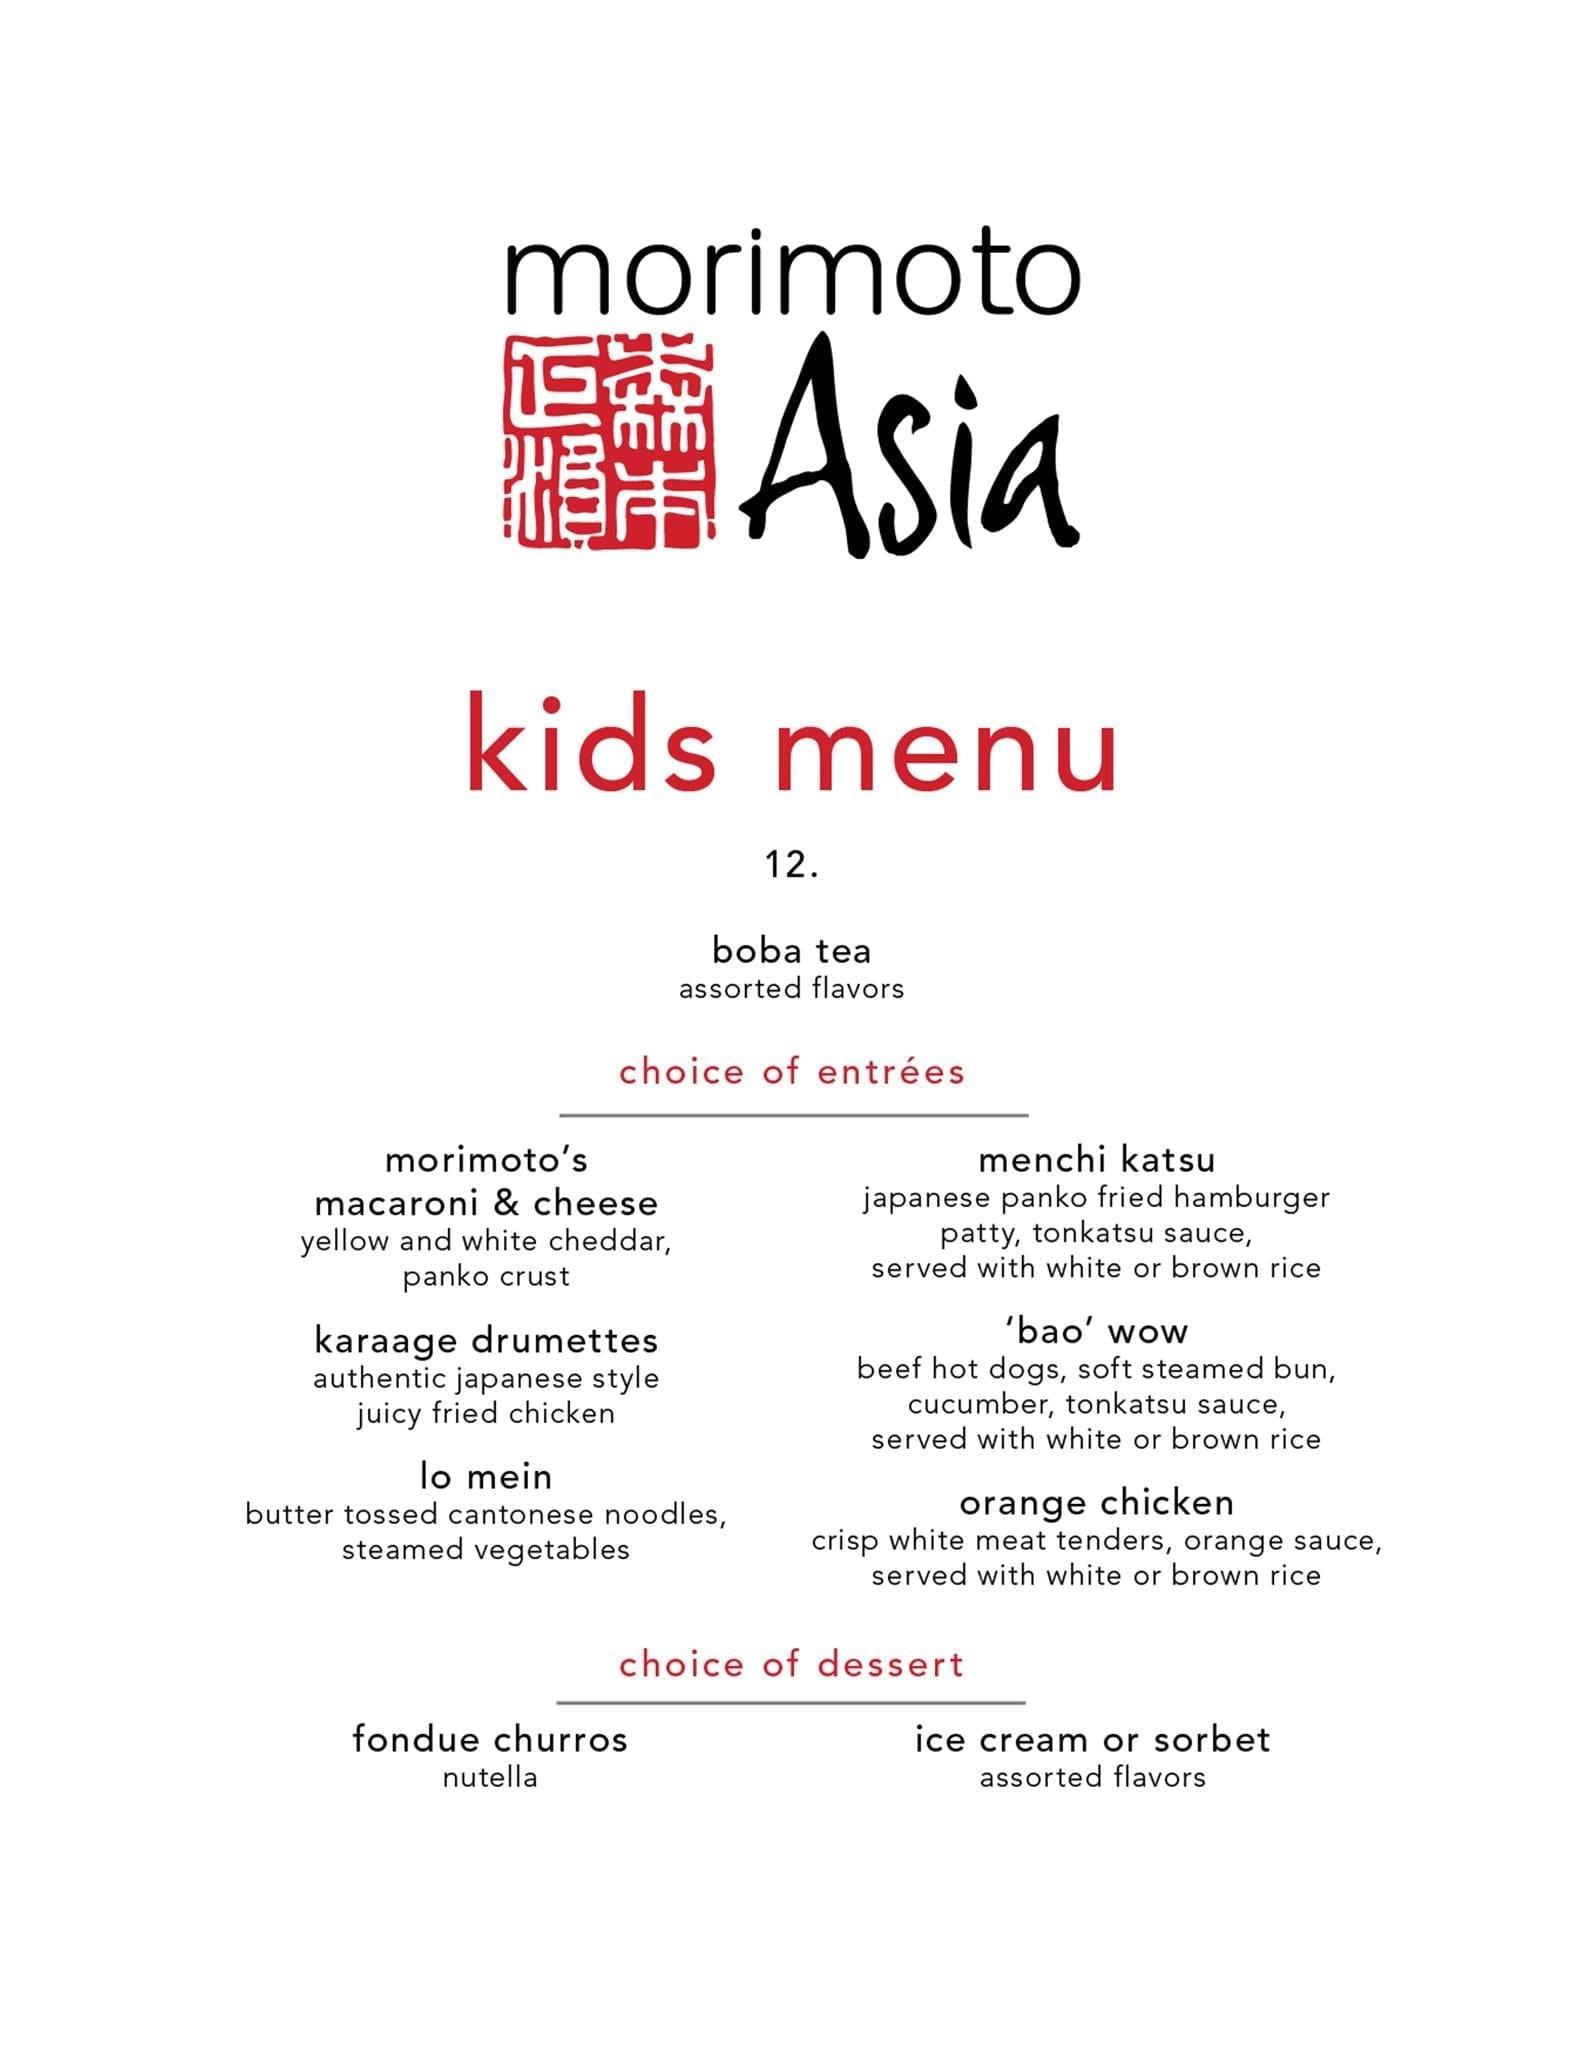 Morimoto Asia Kids Menu